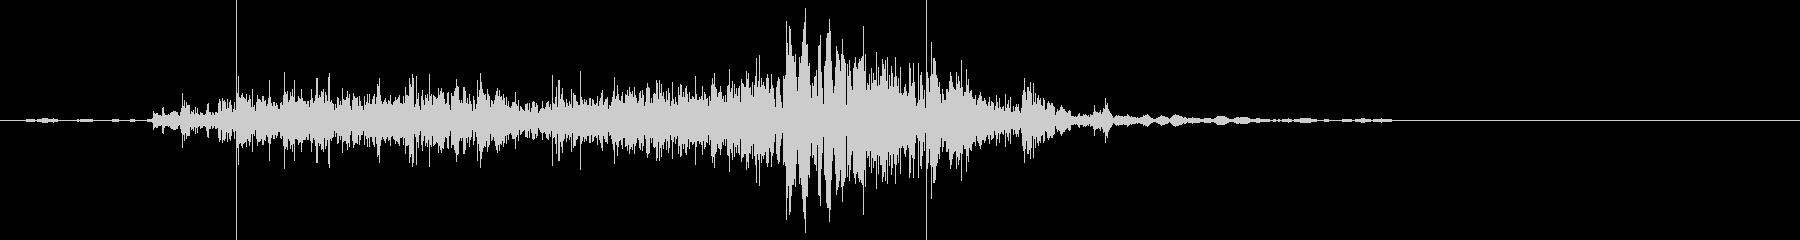 スタイリッシュな装備音 入手音の未再生の波形